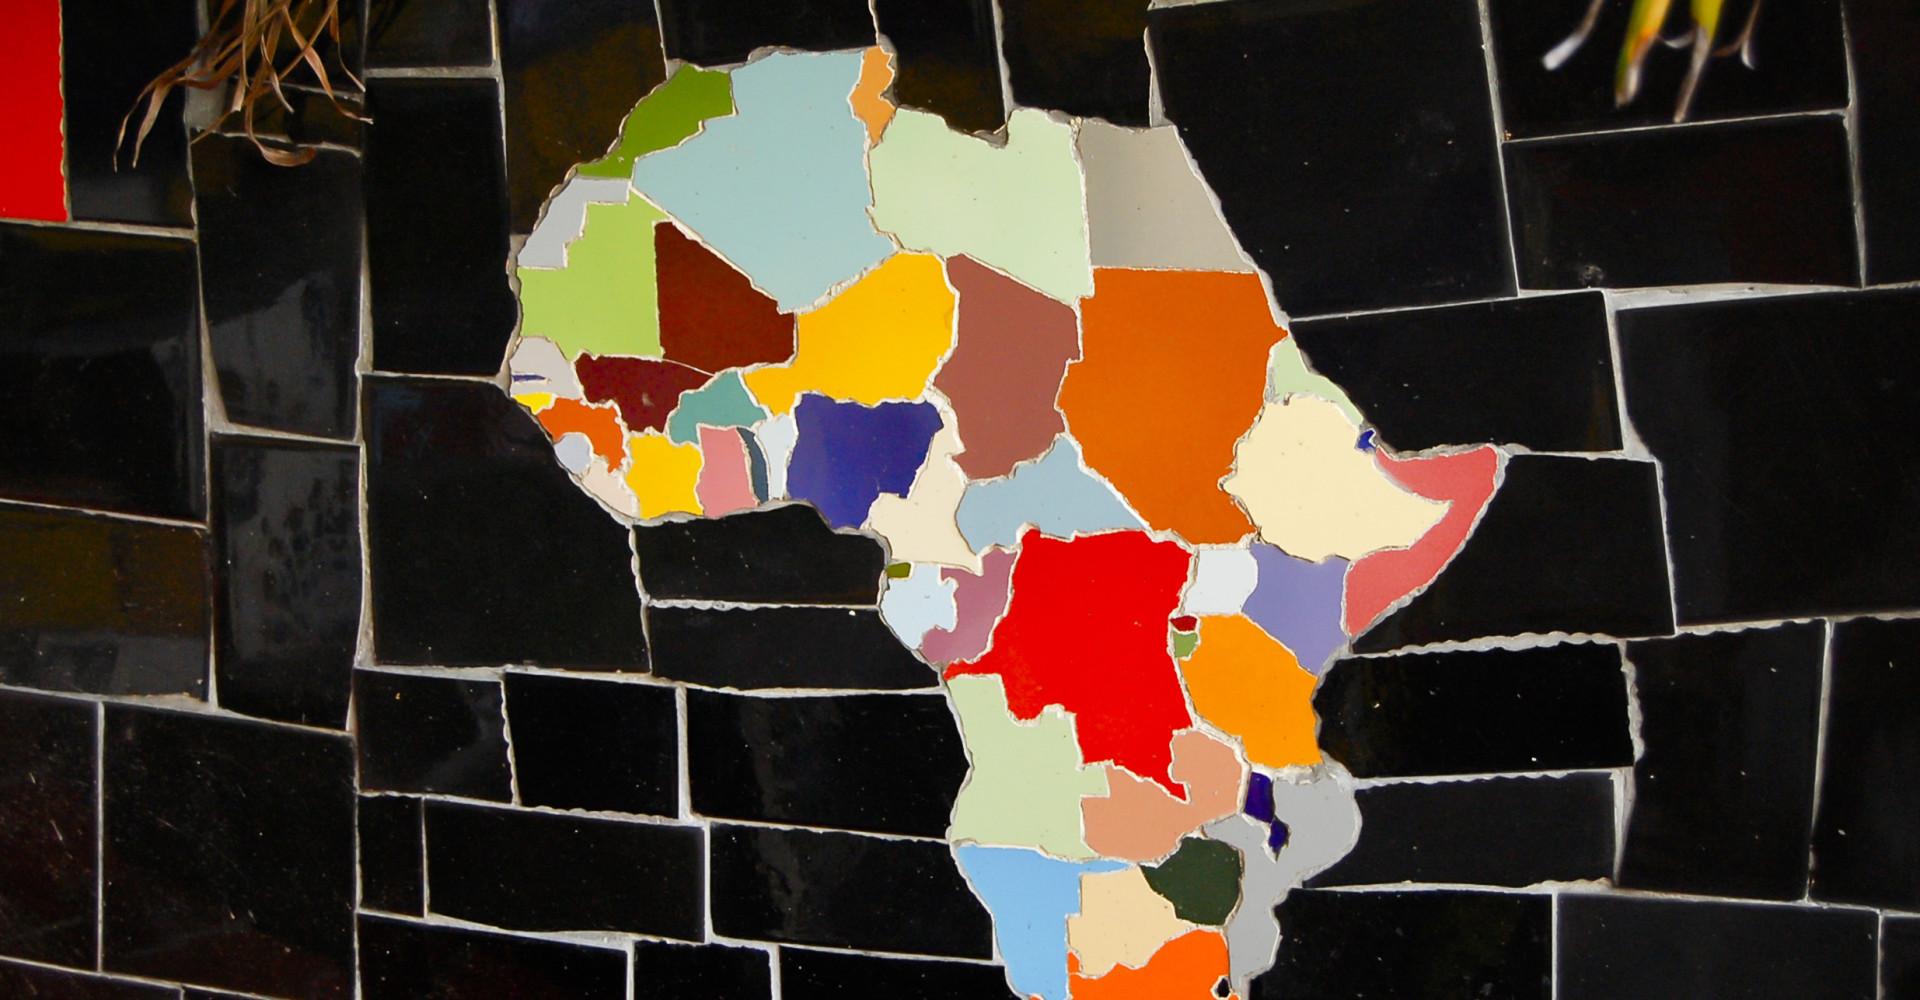 O que sabe sobre África? Conheça melhor este continente